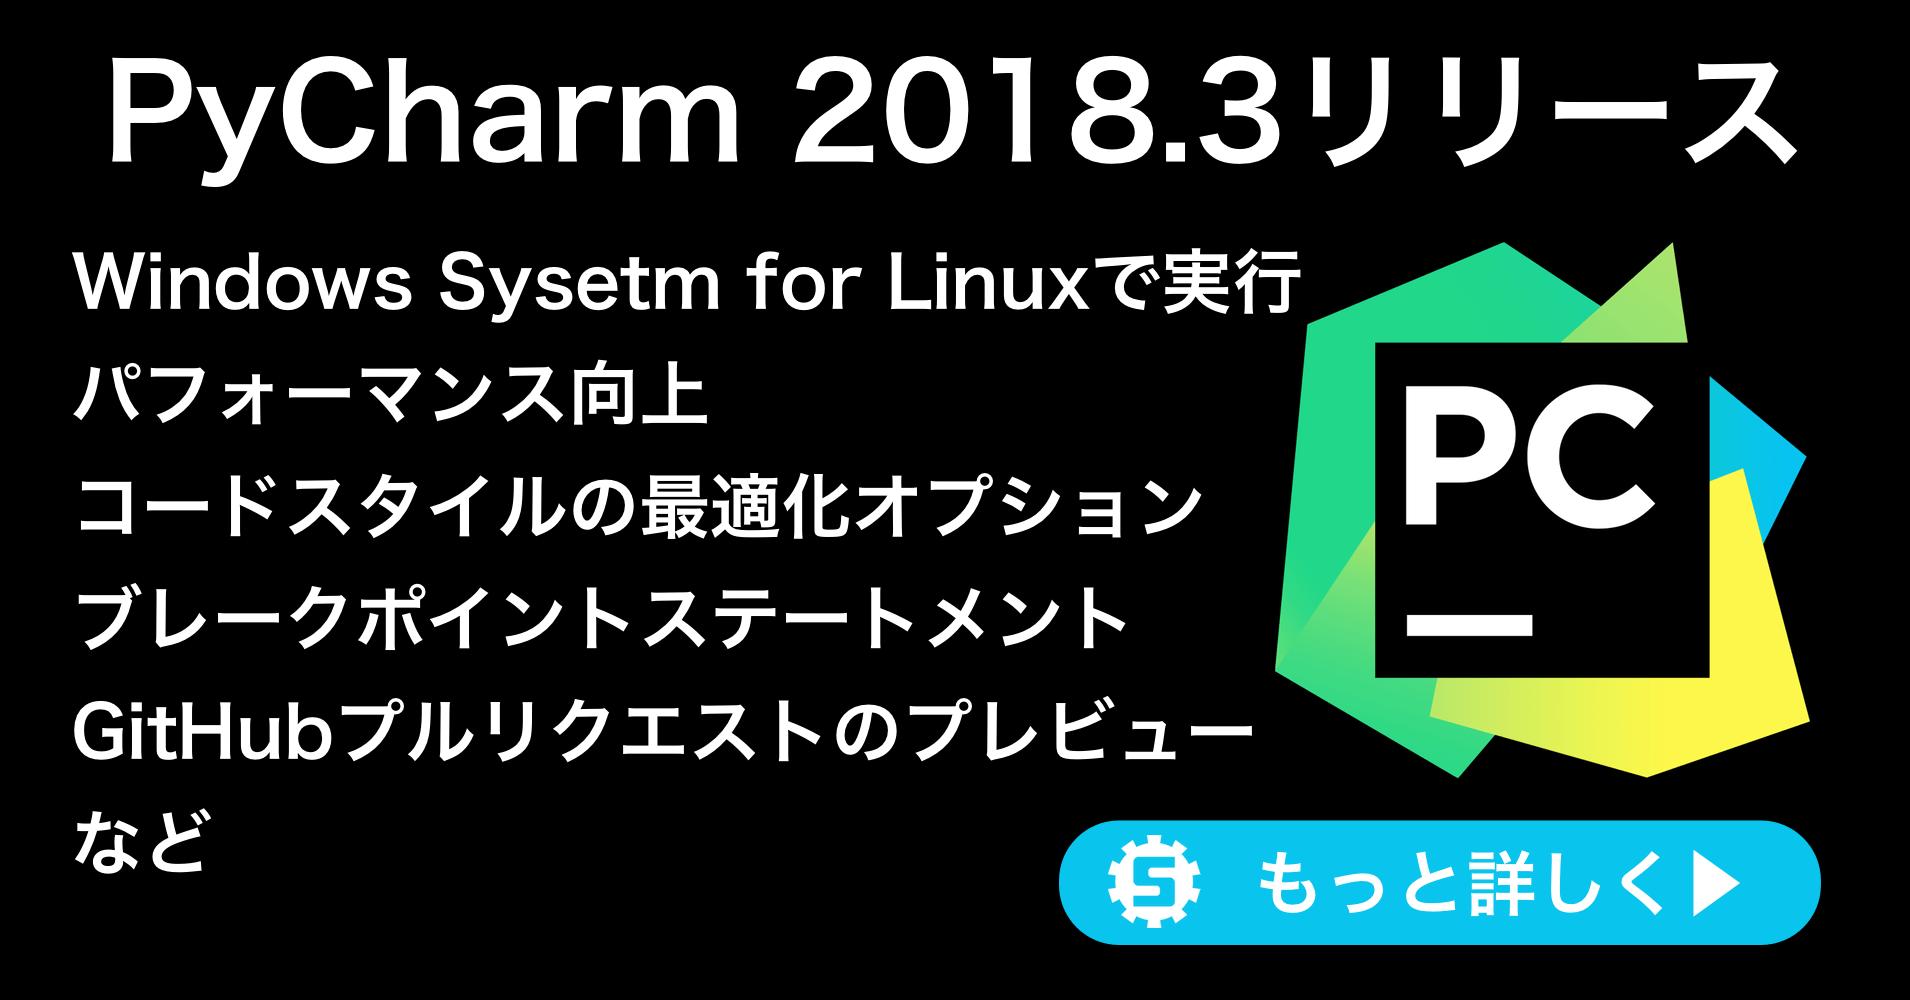 PyCharm 2018.3の新機能